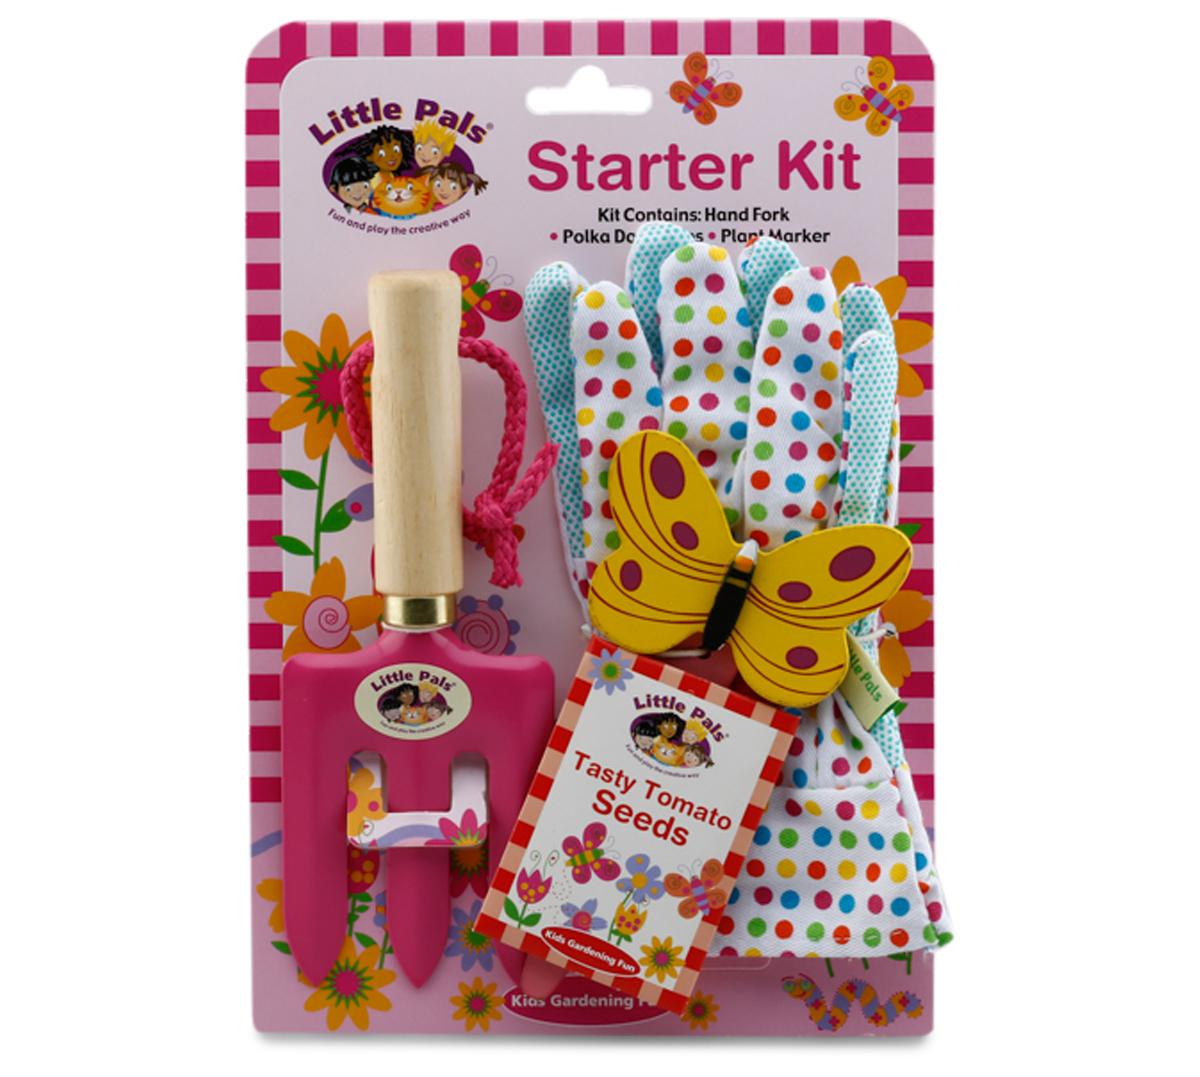 Little Pals Starter Kit Butterfly